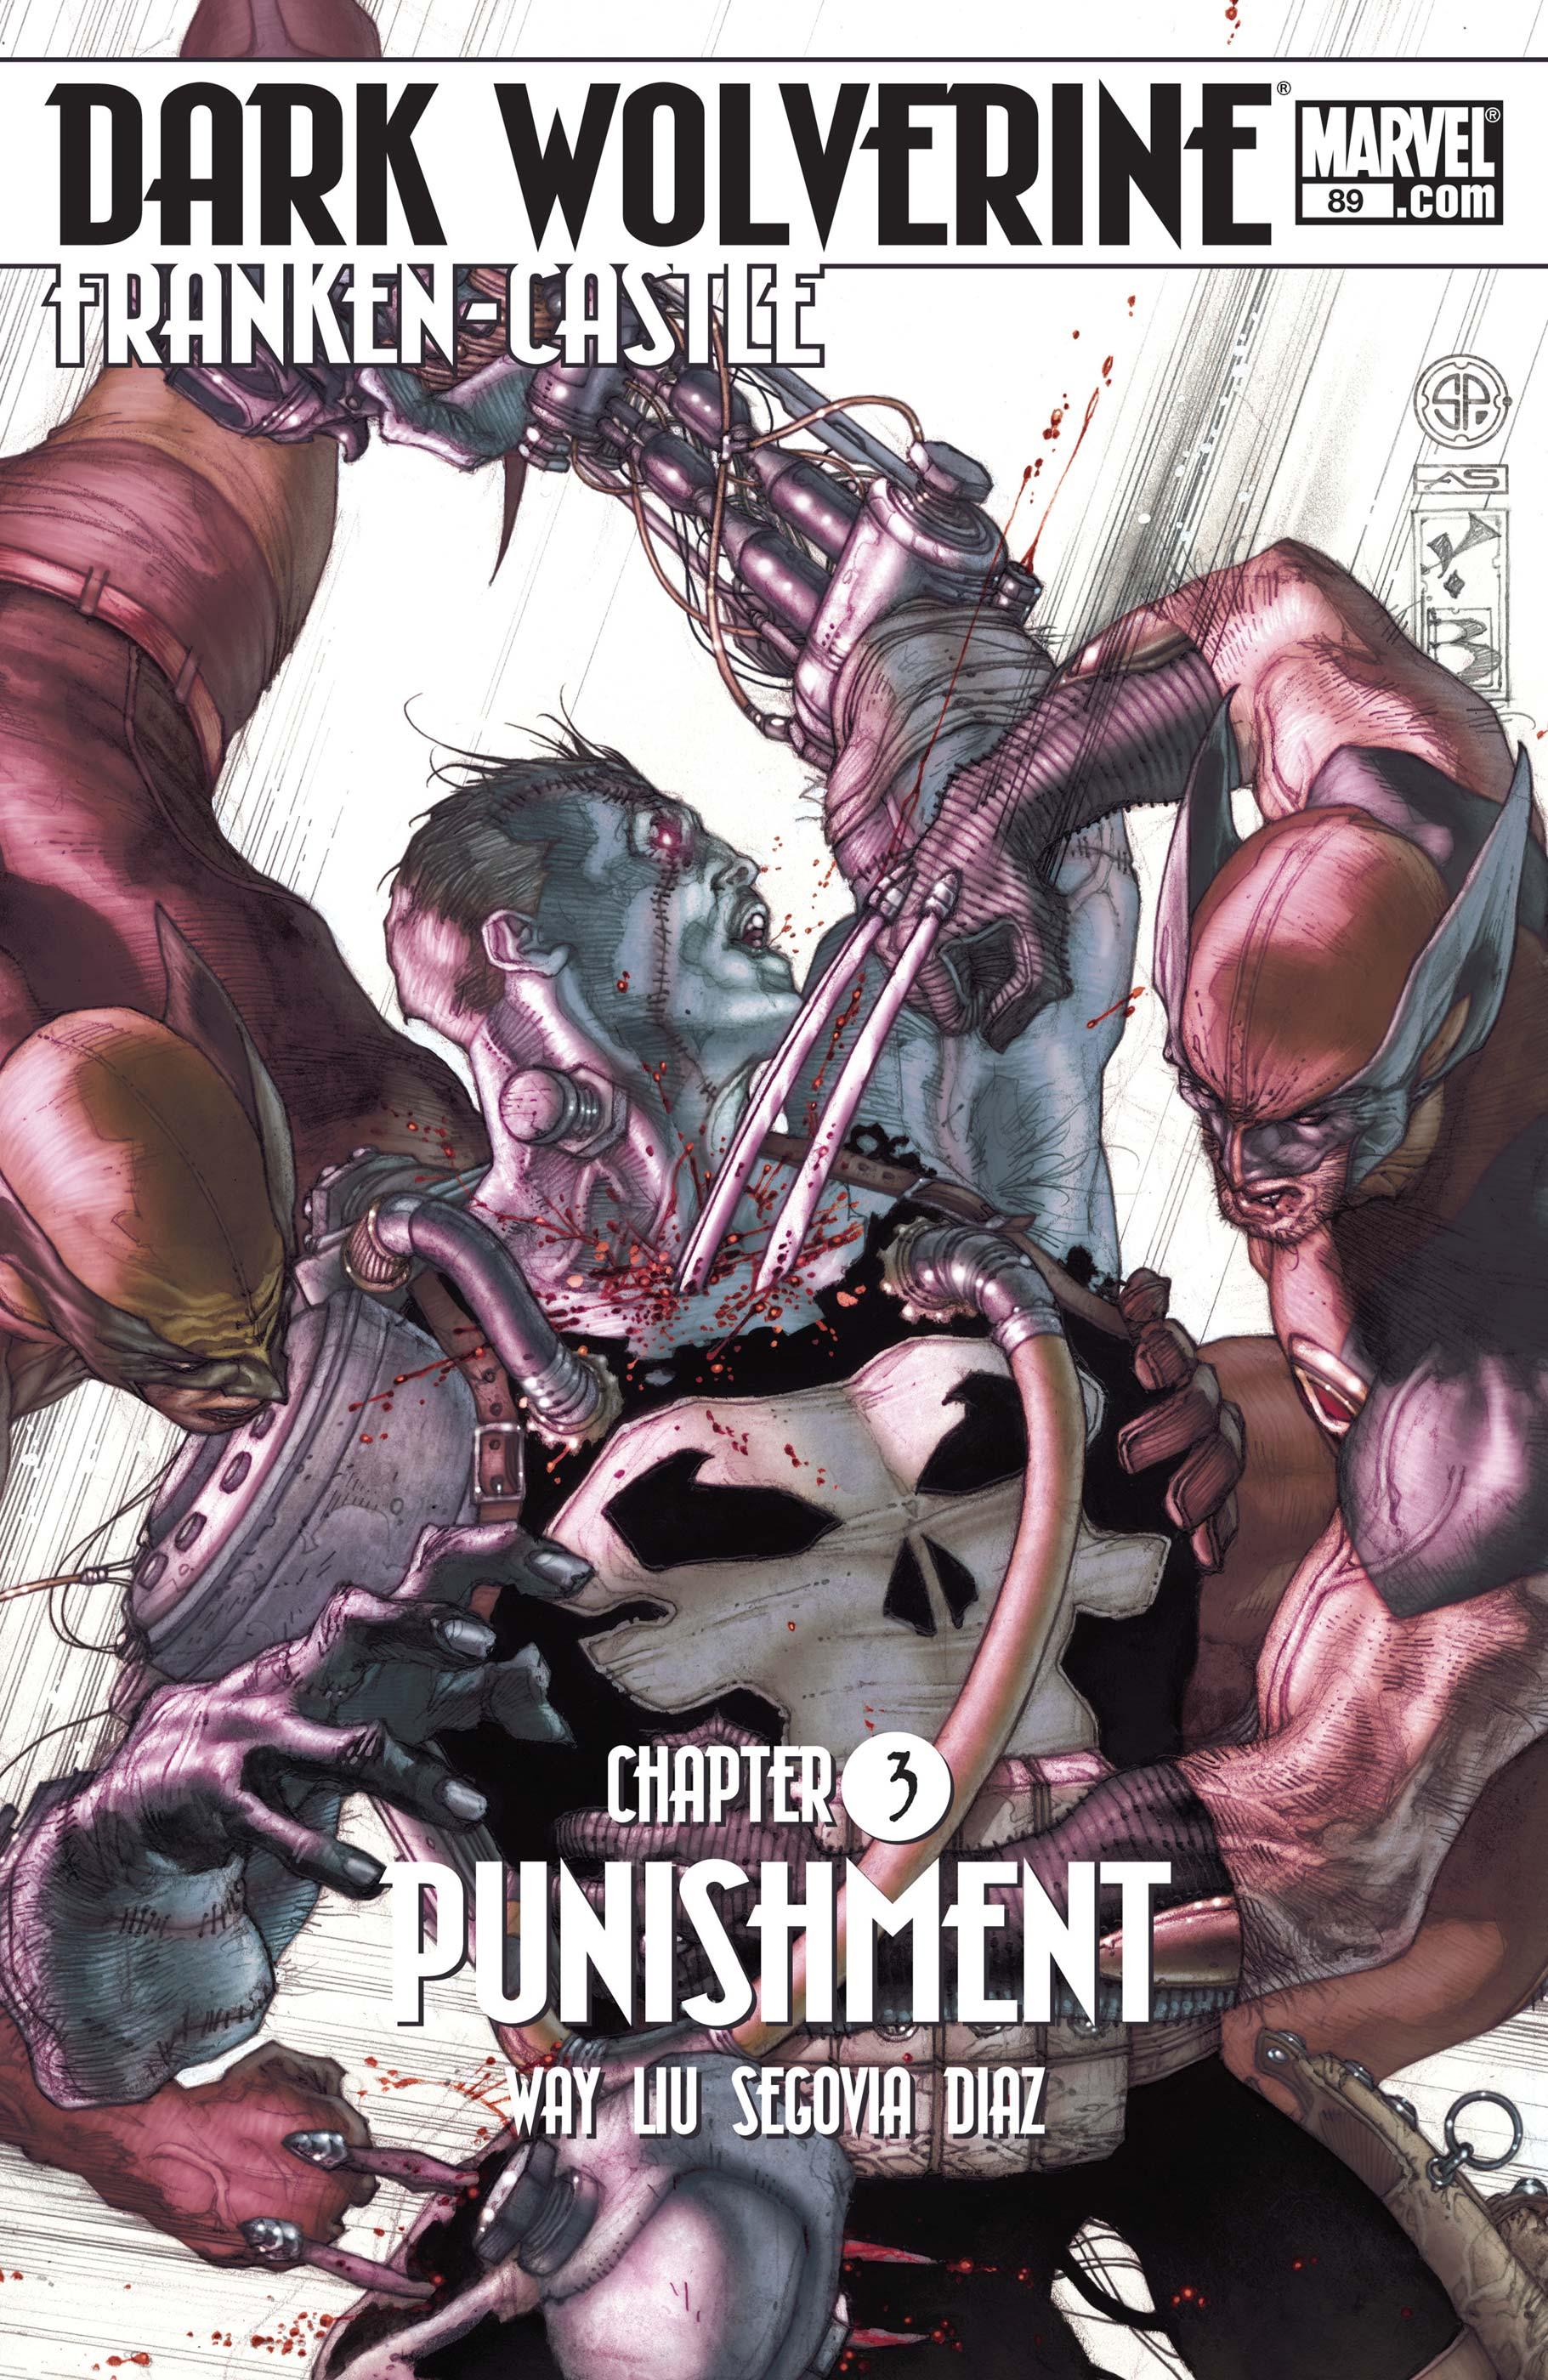 Dark Wolverine (2009) #89